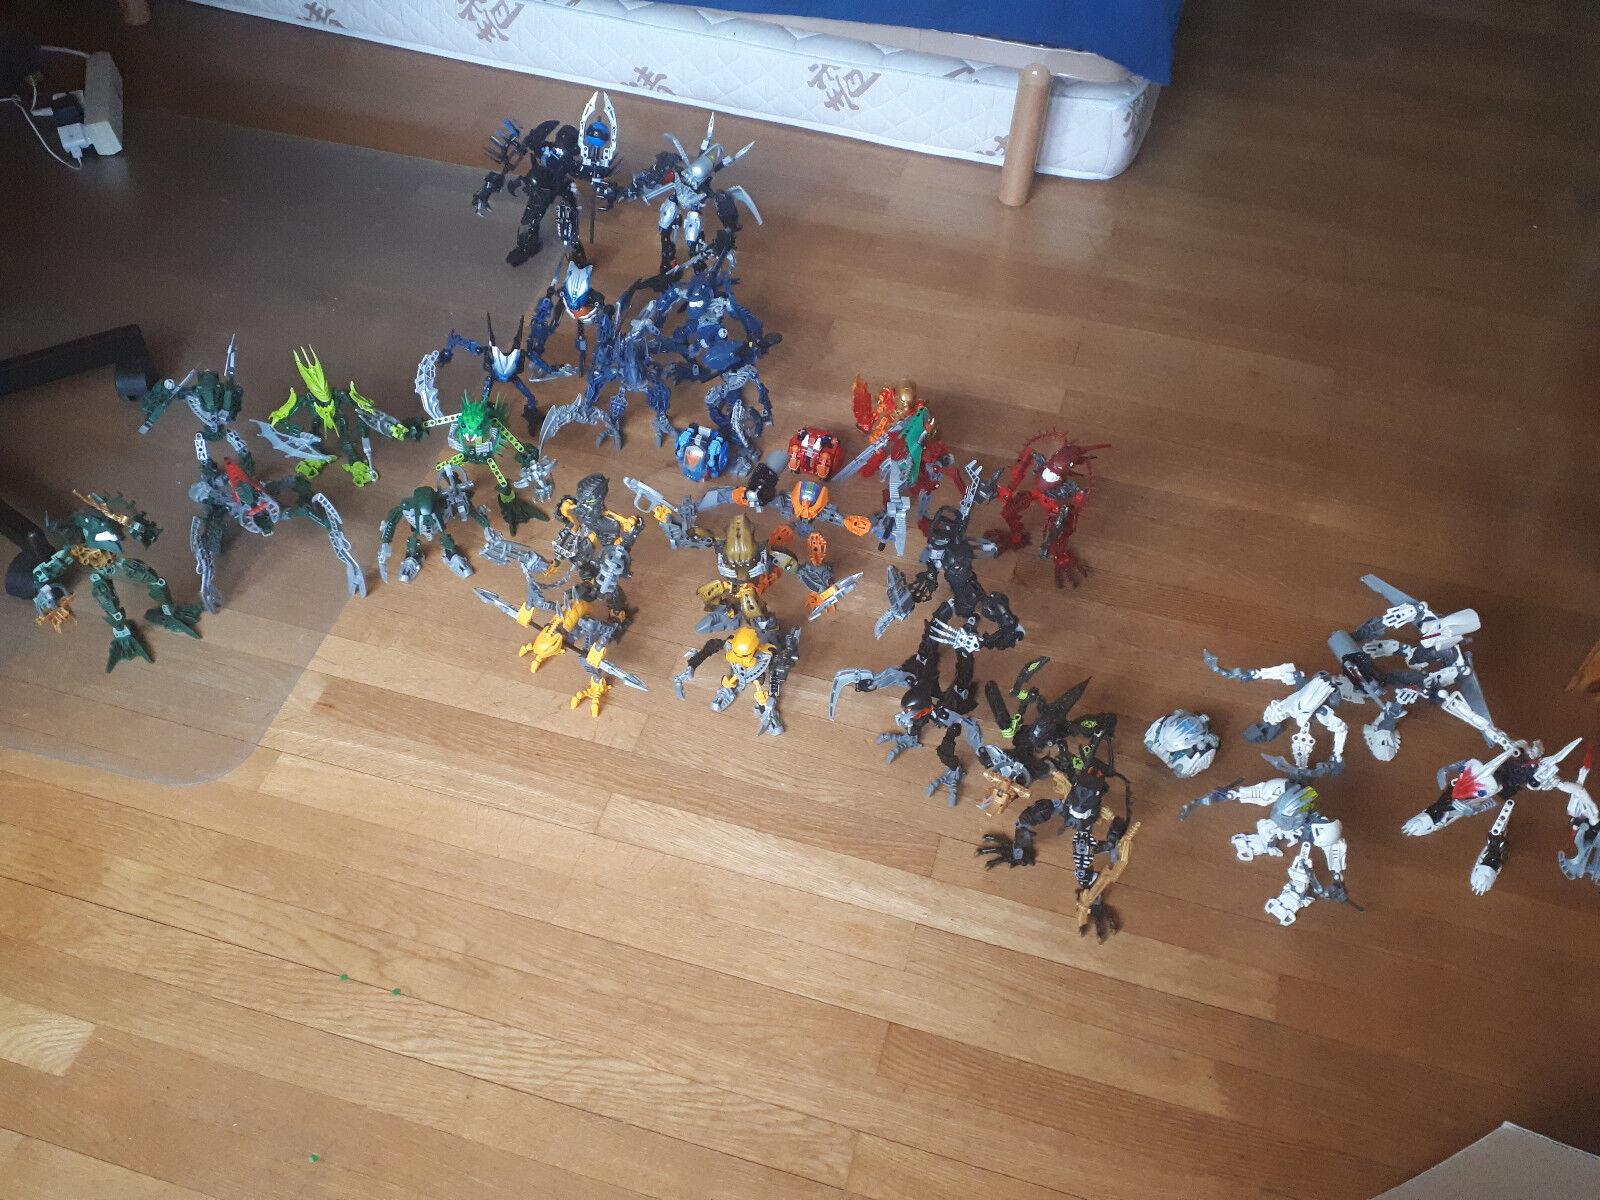 32 Bionicles de plusieures générations en bon état, avec projectiles inclus